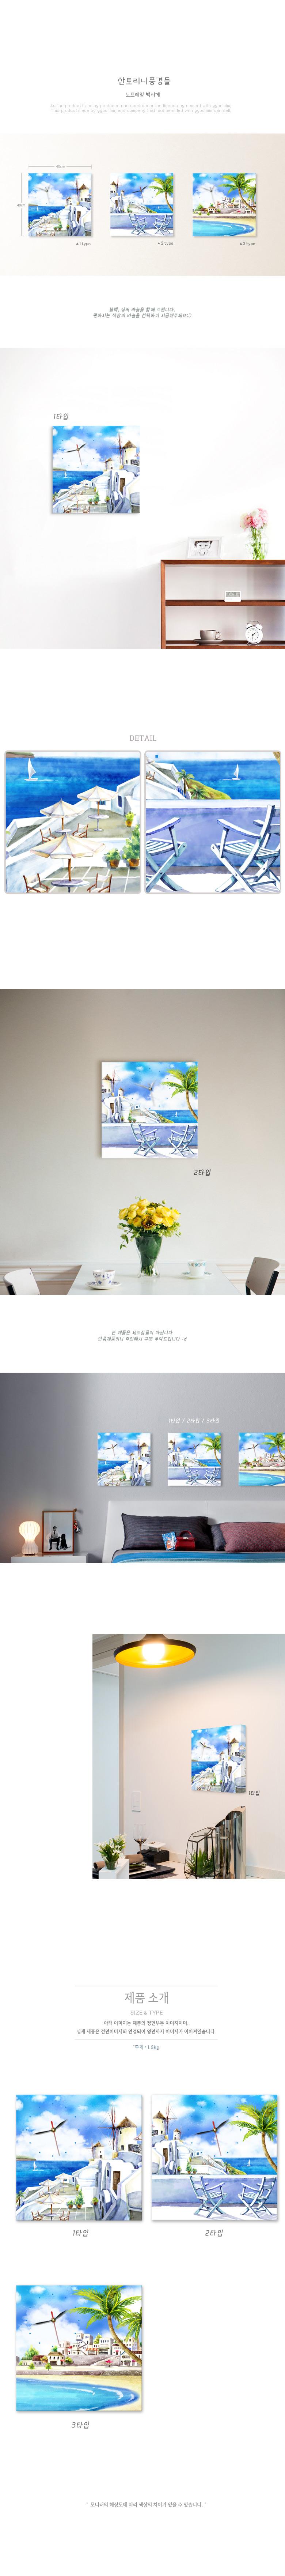 it062-산토리니풍경들_노프레임벽시계 - 꾸밈, 29,600원, 벽시계, 디자인벽시계